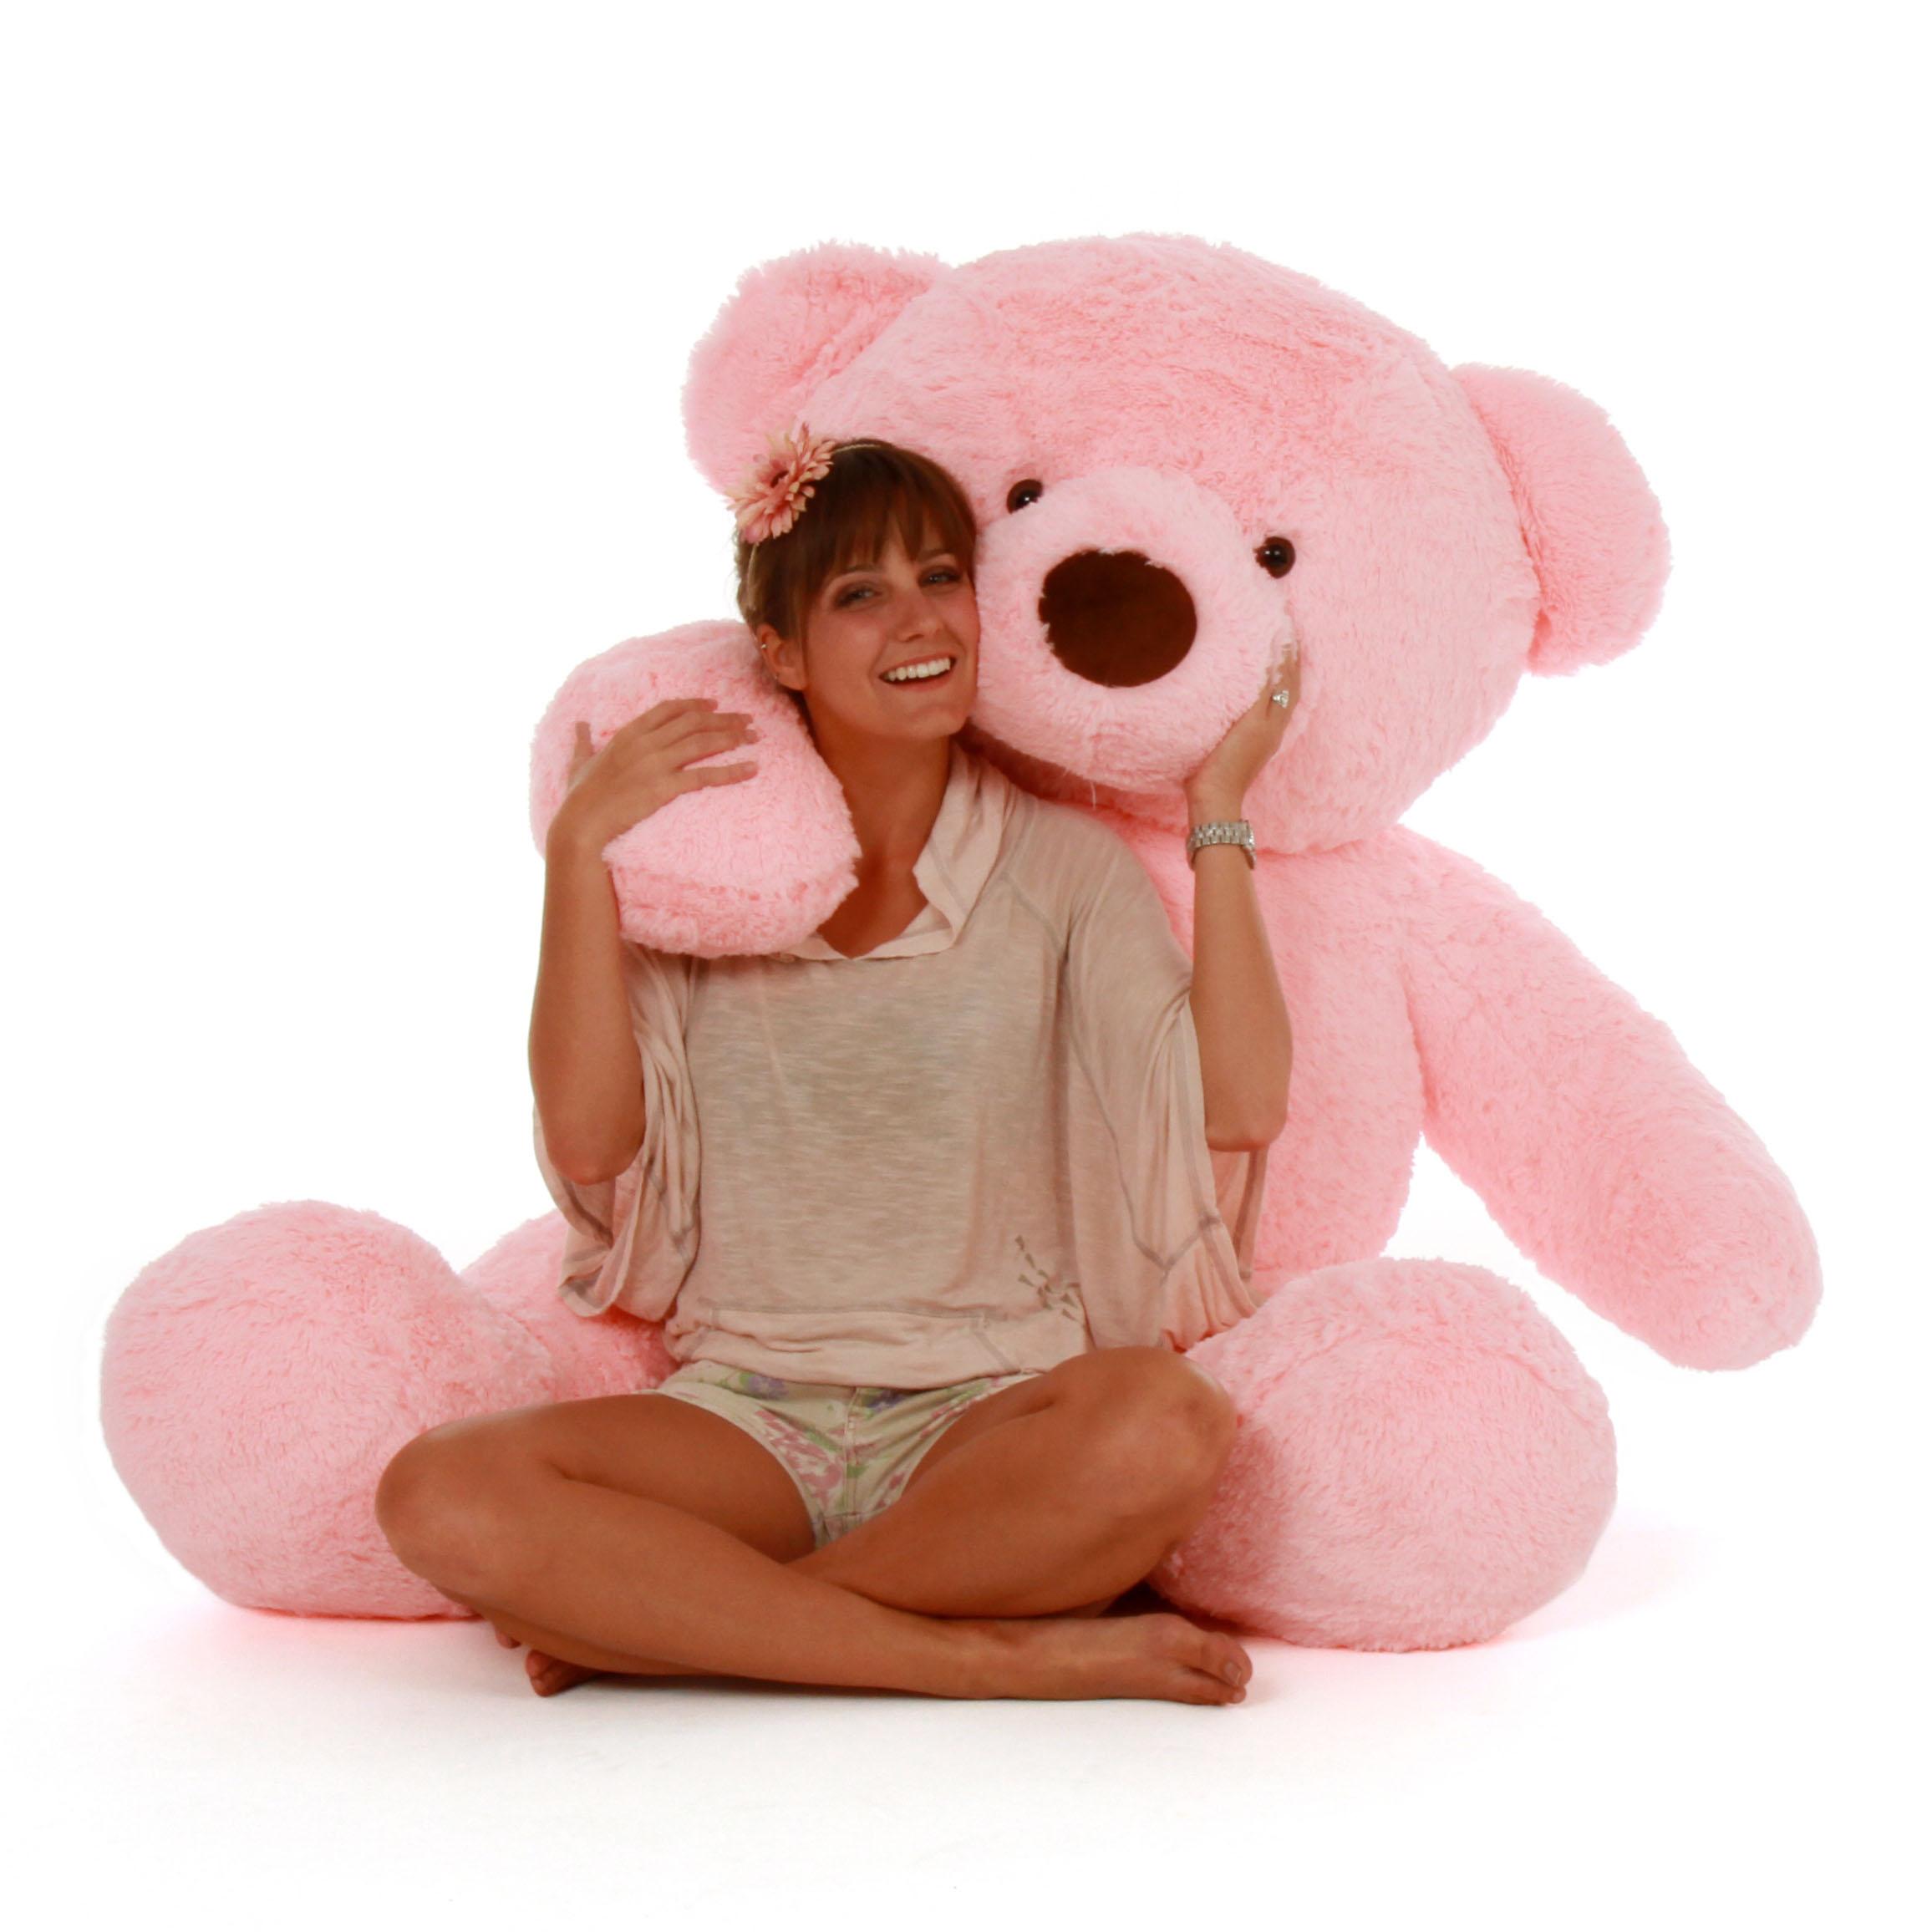 best-plush-toy-gigi-chubs-5ft-giant-teddy-huggable-and-soft-bear.jpg